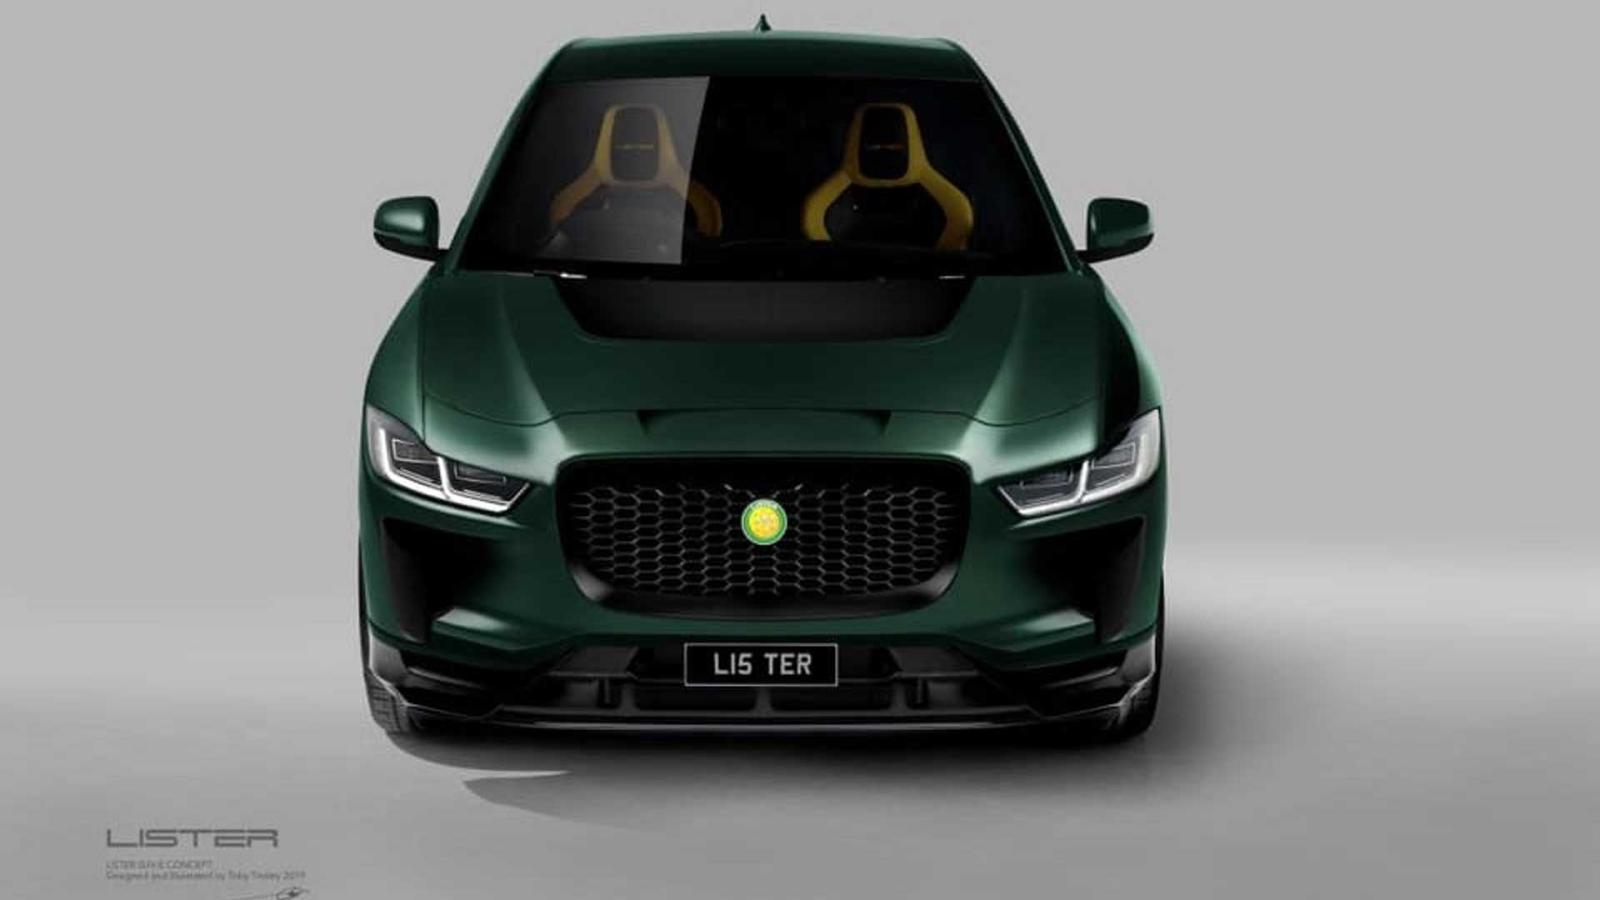 lister-suv-e-concept-jaguar-i-pace 2